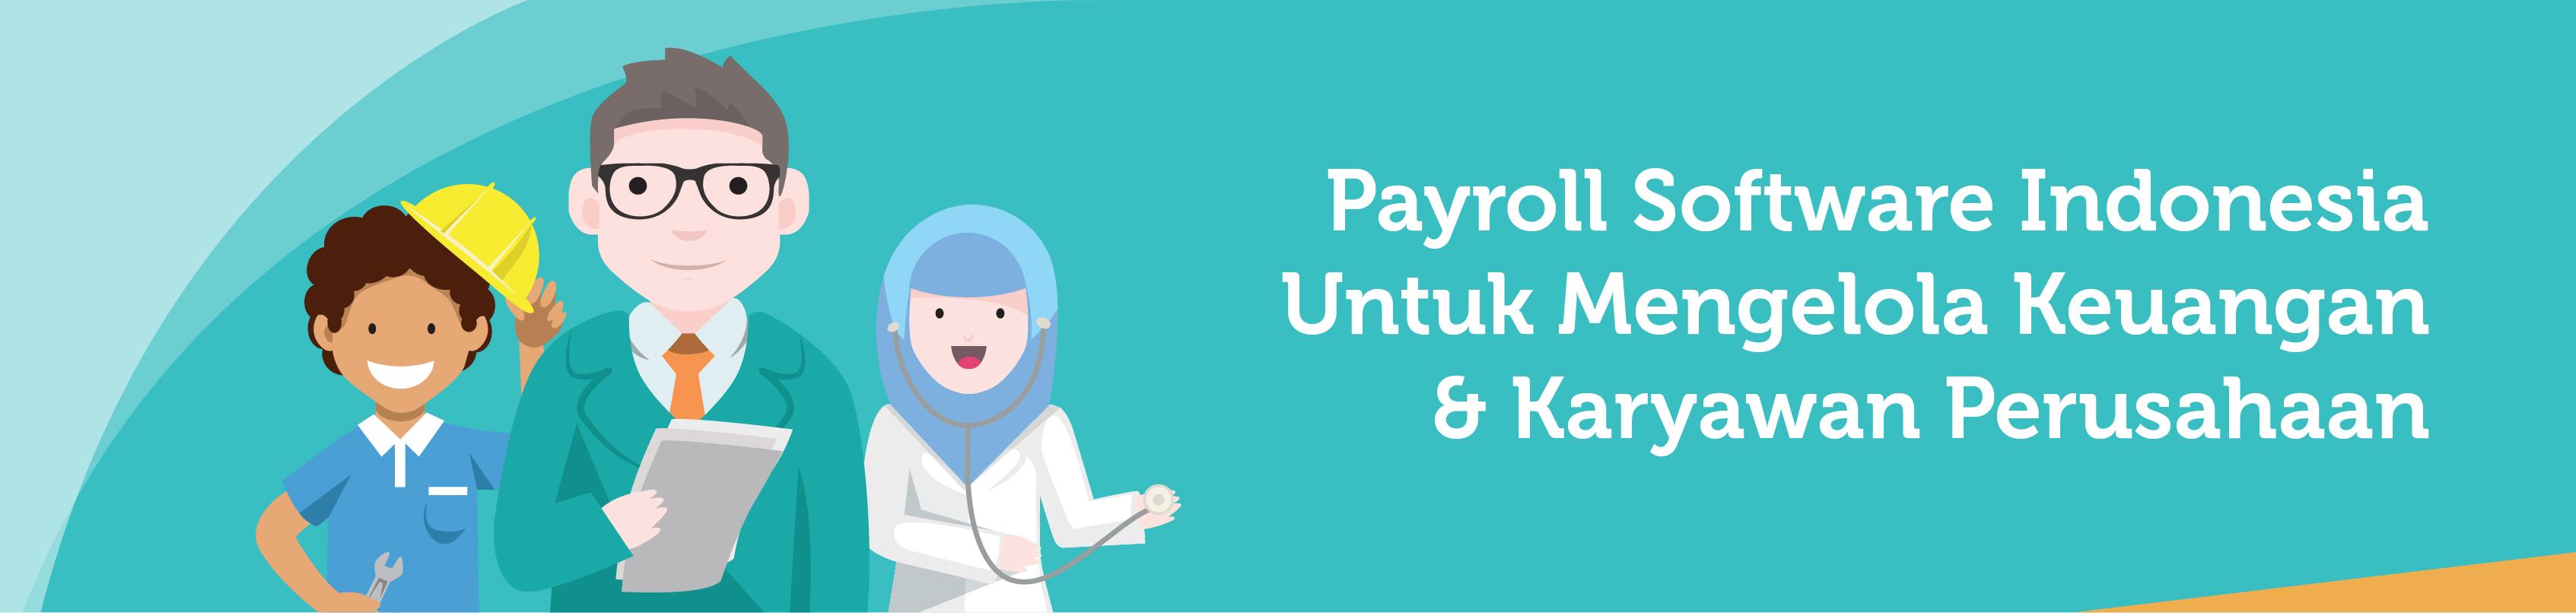 Payroll Sofware Indonesia untuk Mengeloala Keuangan dan Karyawan Perusahaan | Gadjian